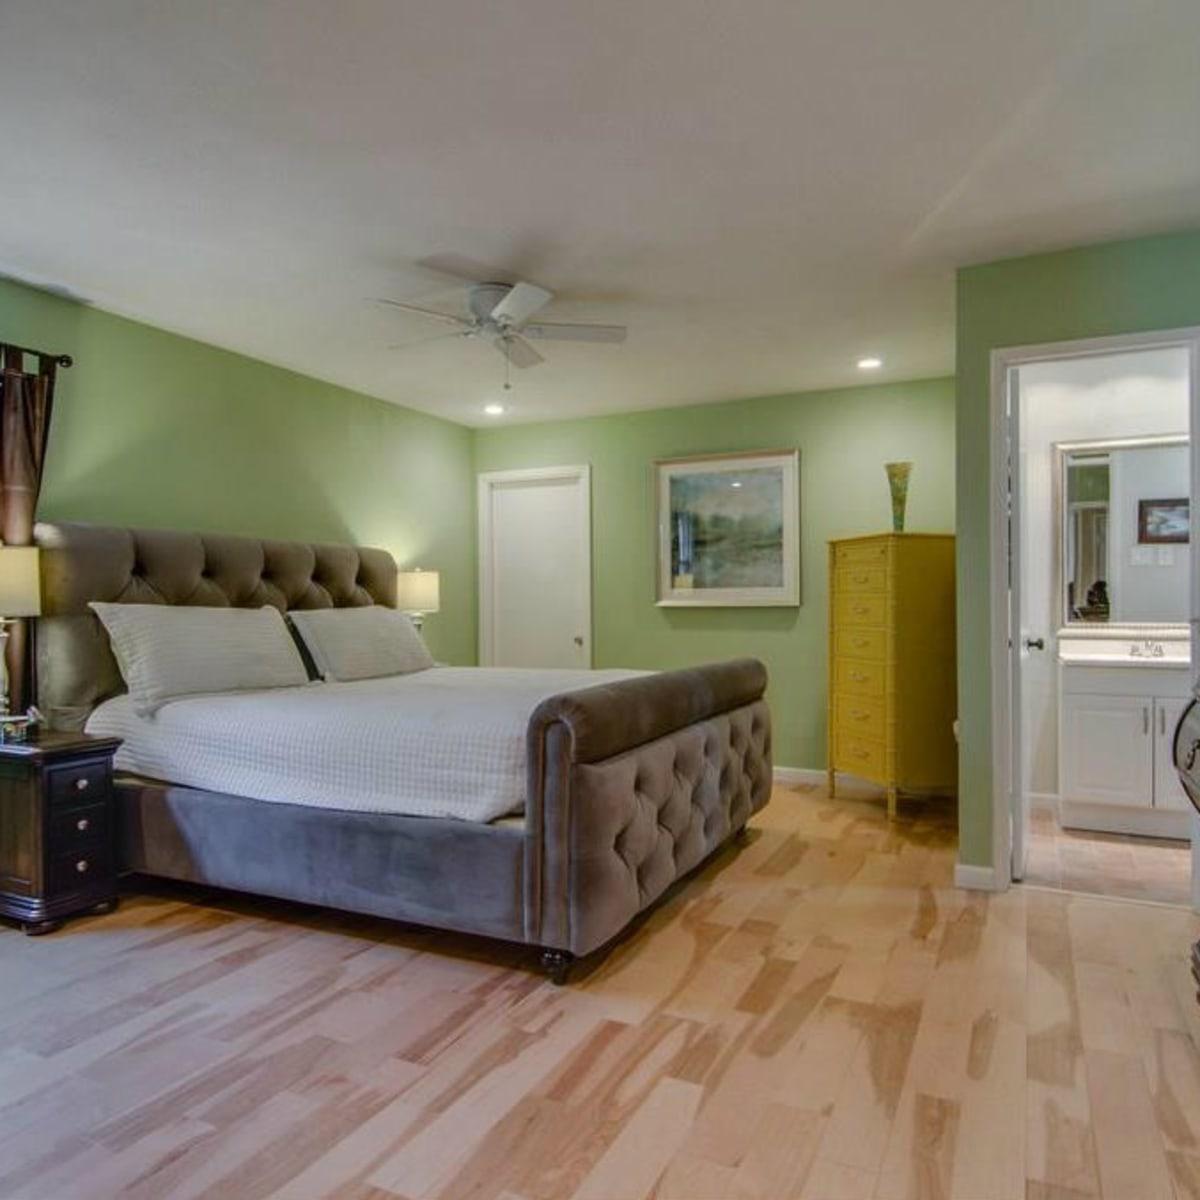 3065 Kinkaid Dr. master bedroom in Dallas